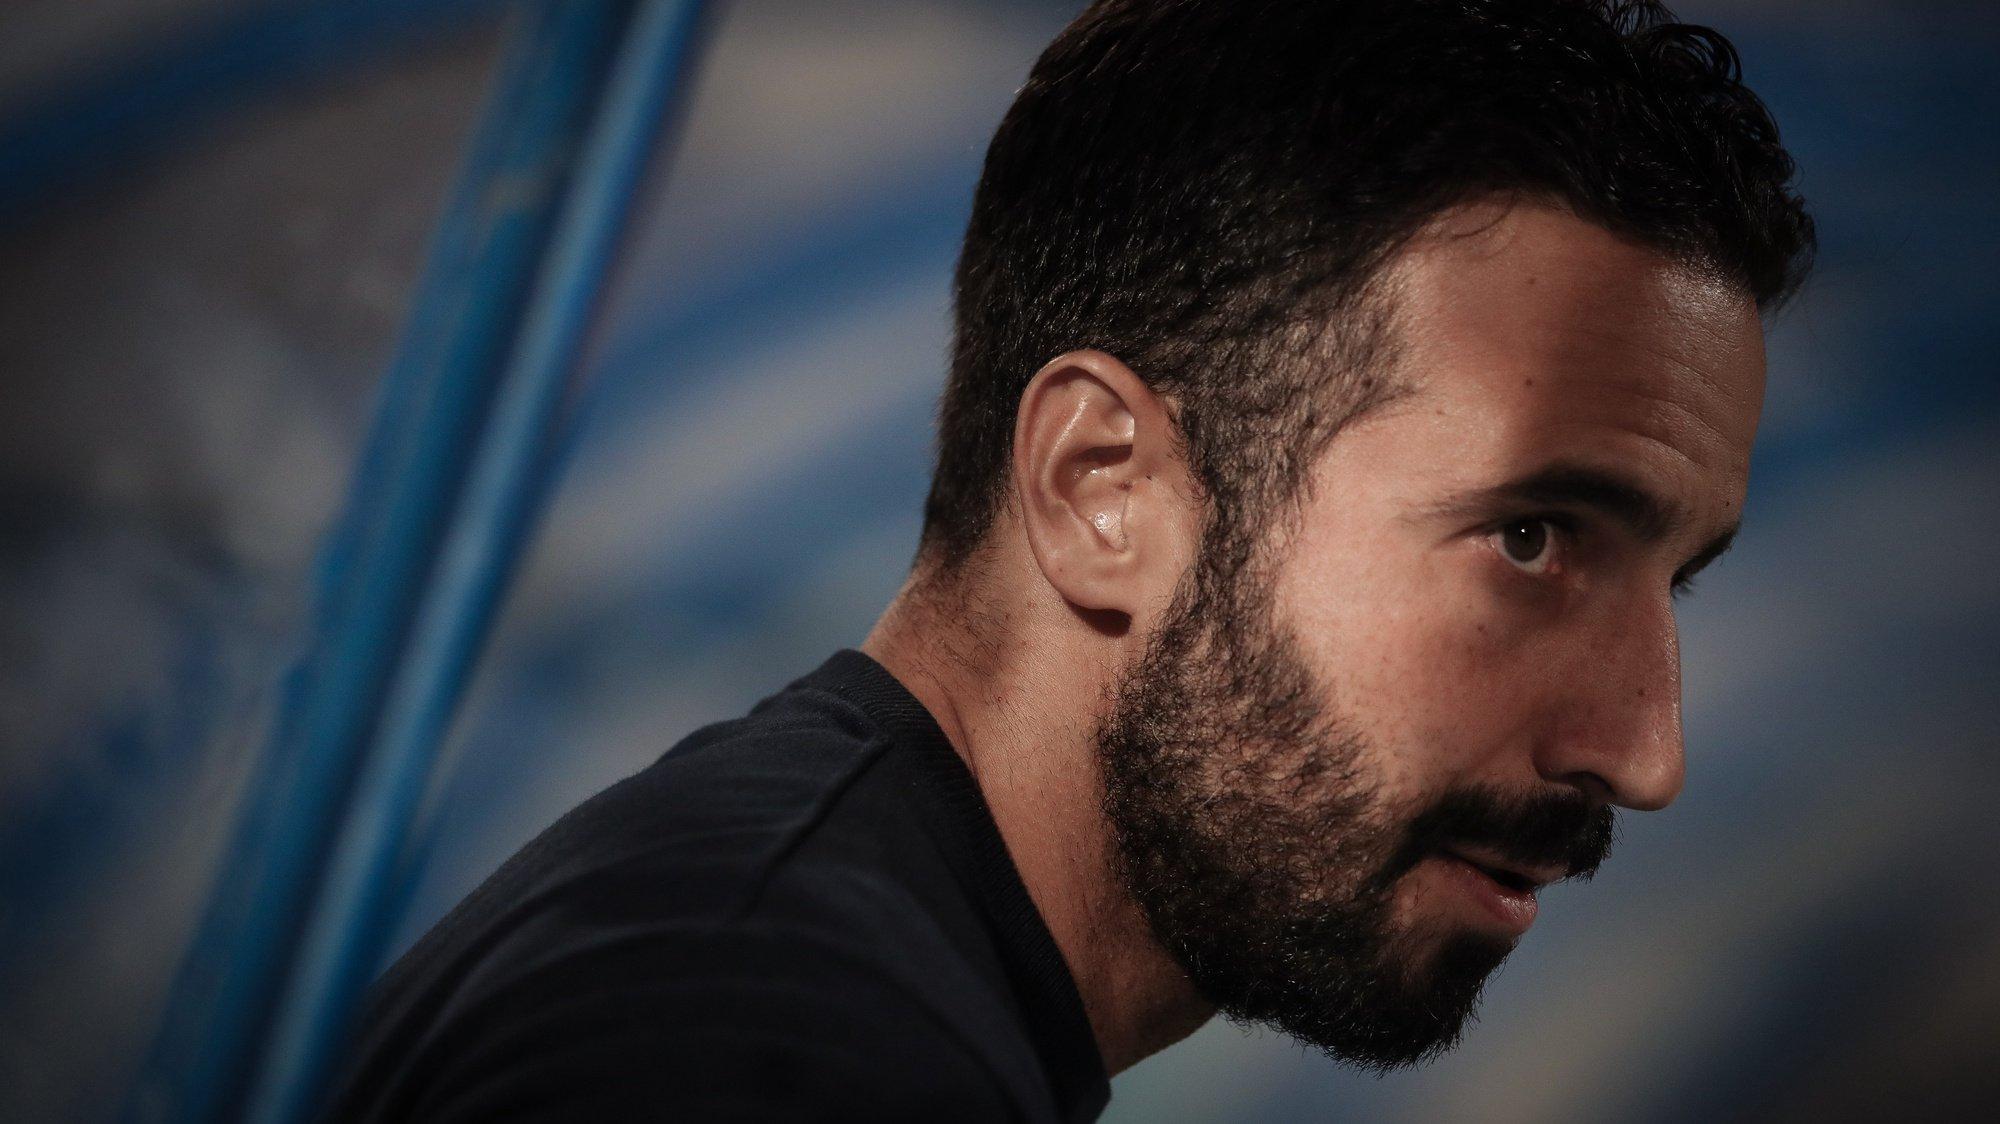 O treinador do Sporting, Rúben Amorim, durante o jogo de futebol da 3ª eliminatória da Taça de Portugal contra o Belenenses, realizado no Estádio do Restelo, em Lisboa, 15 de outubro de 2021. MÁRIO CRUZ/LUSA